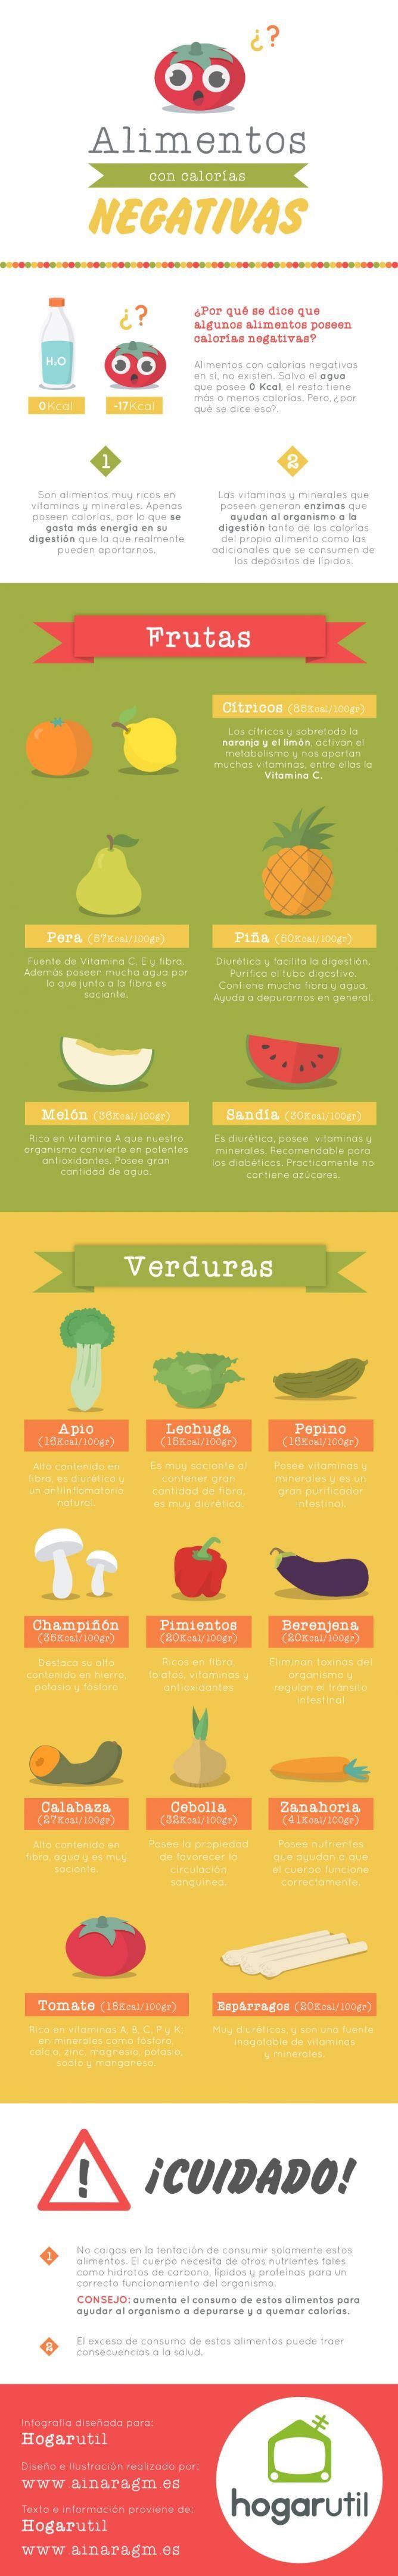 #Infografia Alimentos con calorías negativas by @ainaraGM